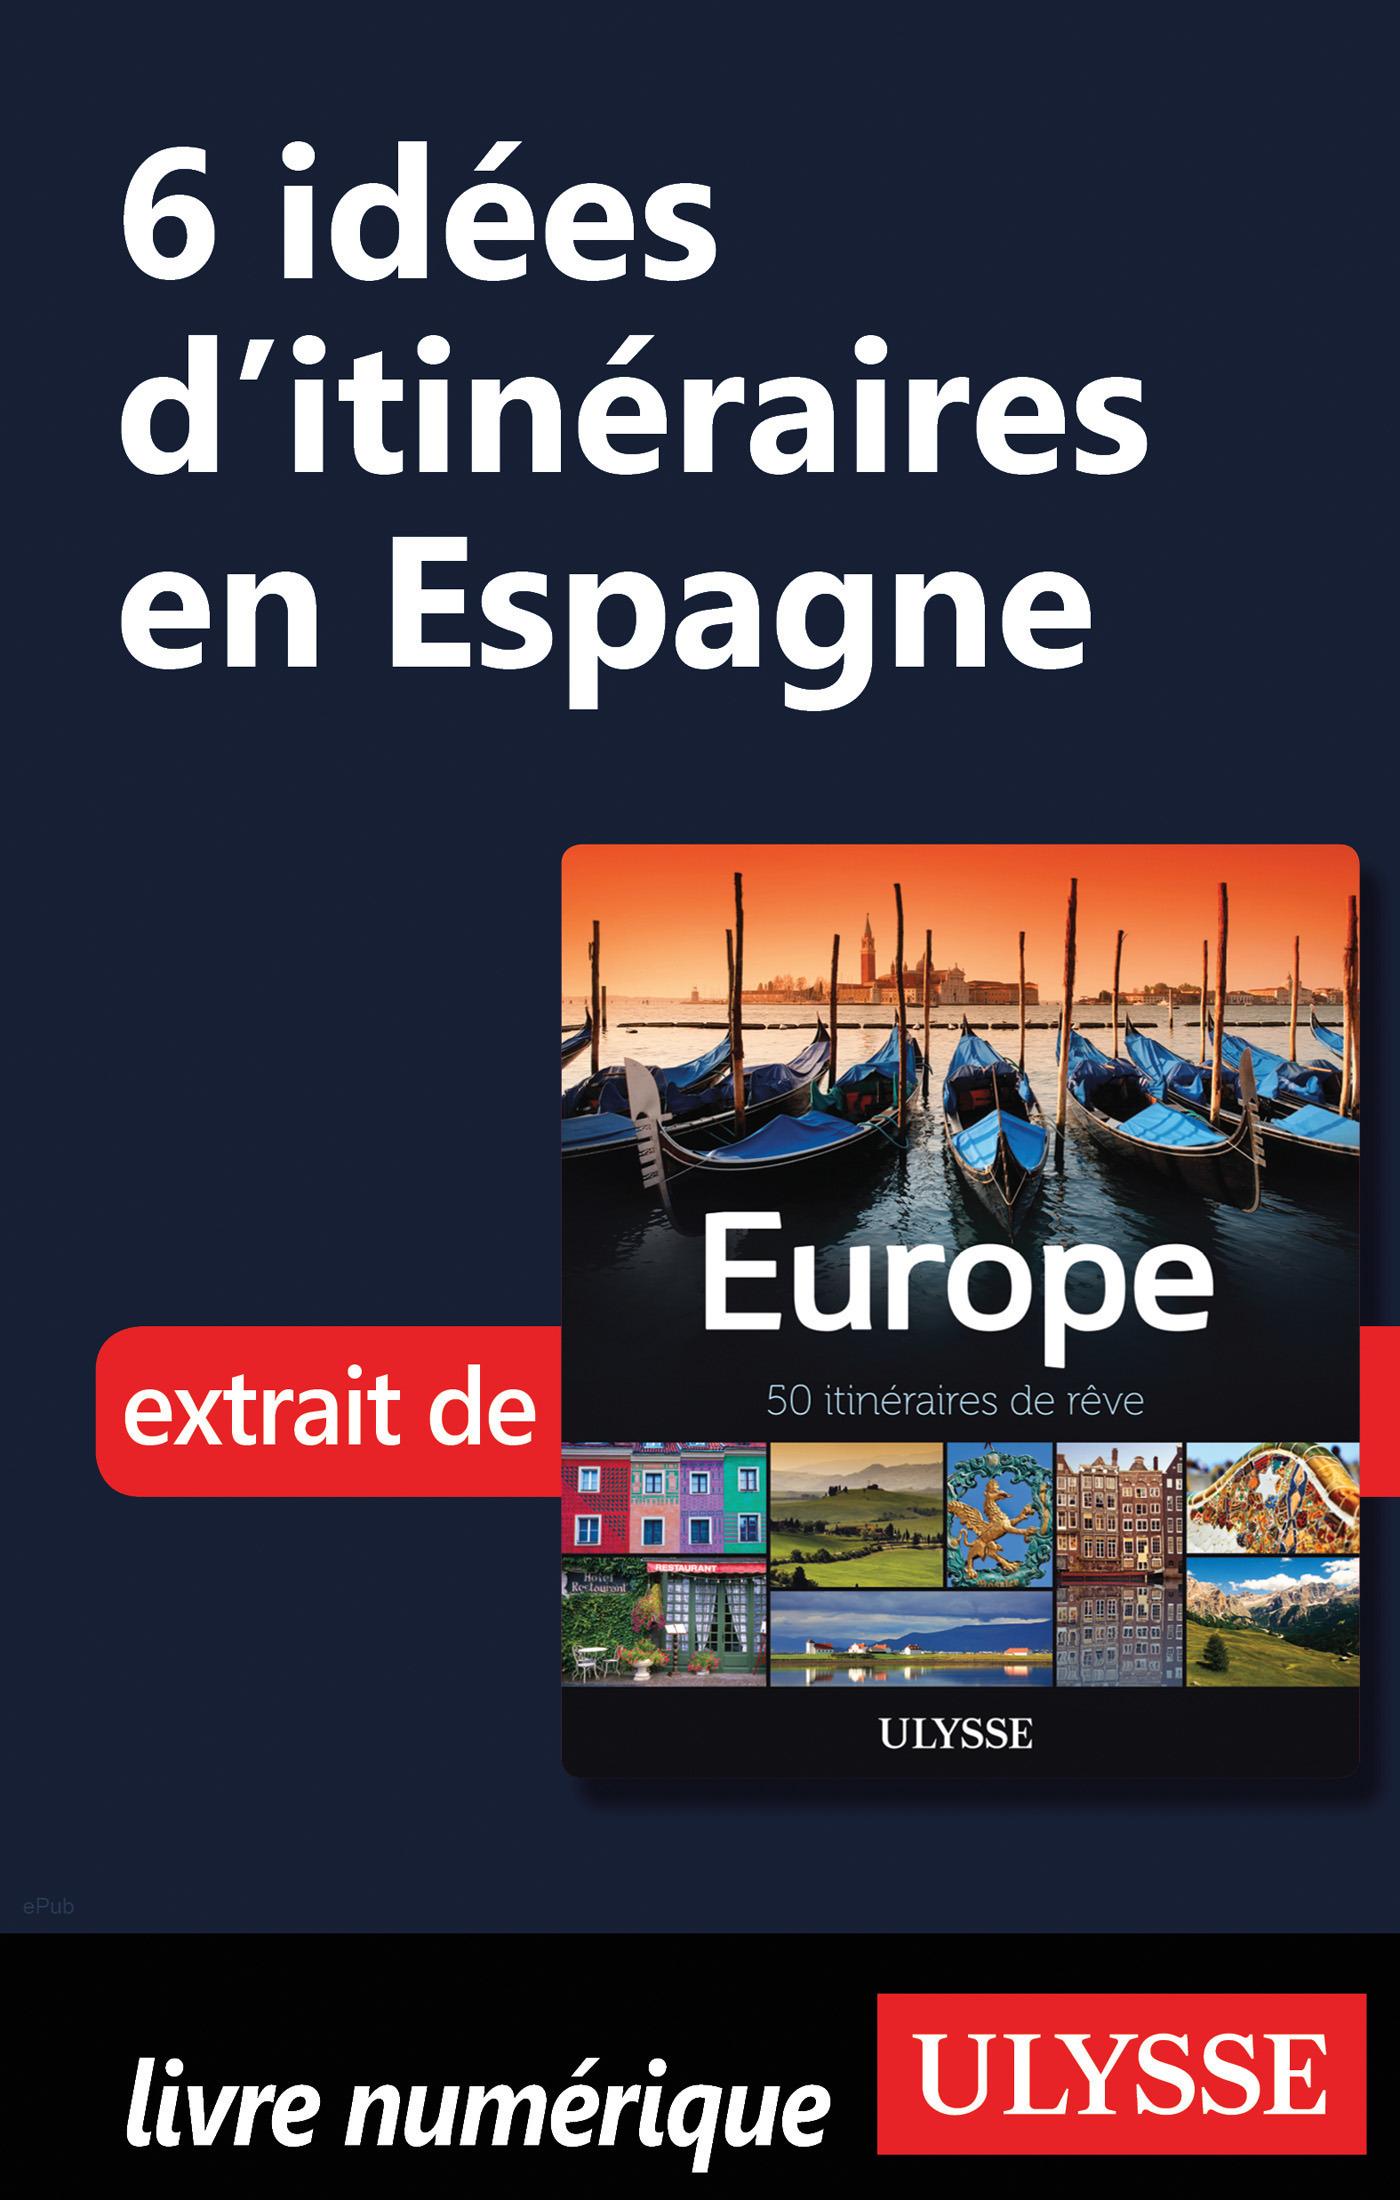 6 Idées d'itinéraires en Espagne